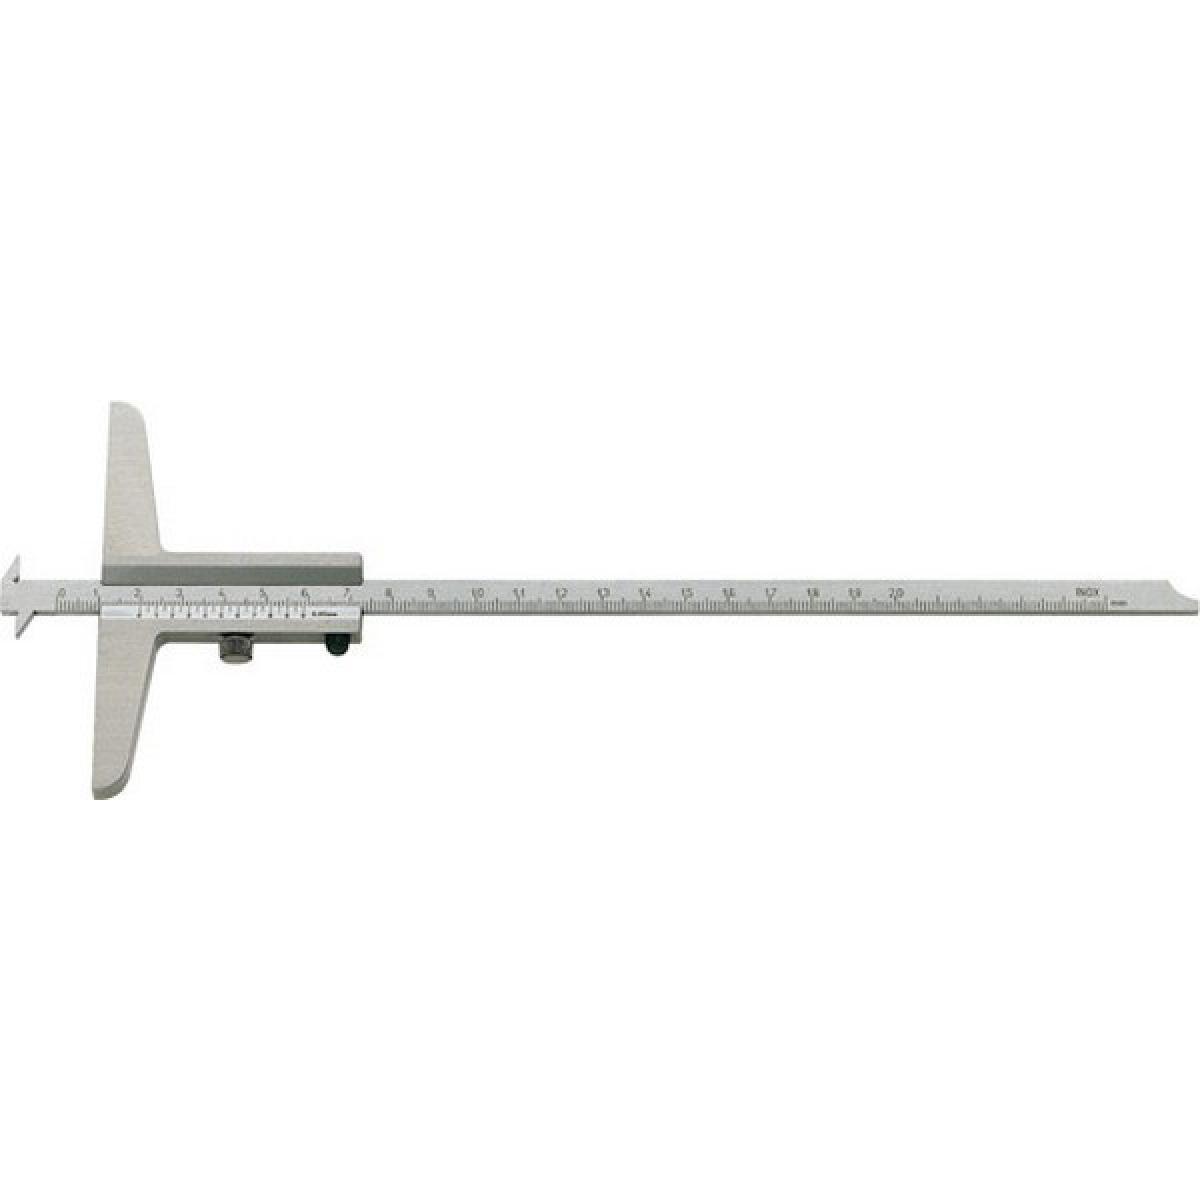 Forum Jauge de profondeur pour mesure de gorges et d'écarts, Plage de mesure : 200 mm, Modèle à vis de blocage, Long. de l'emb